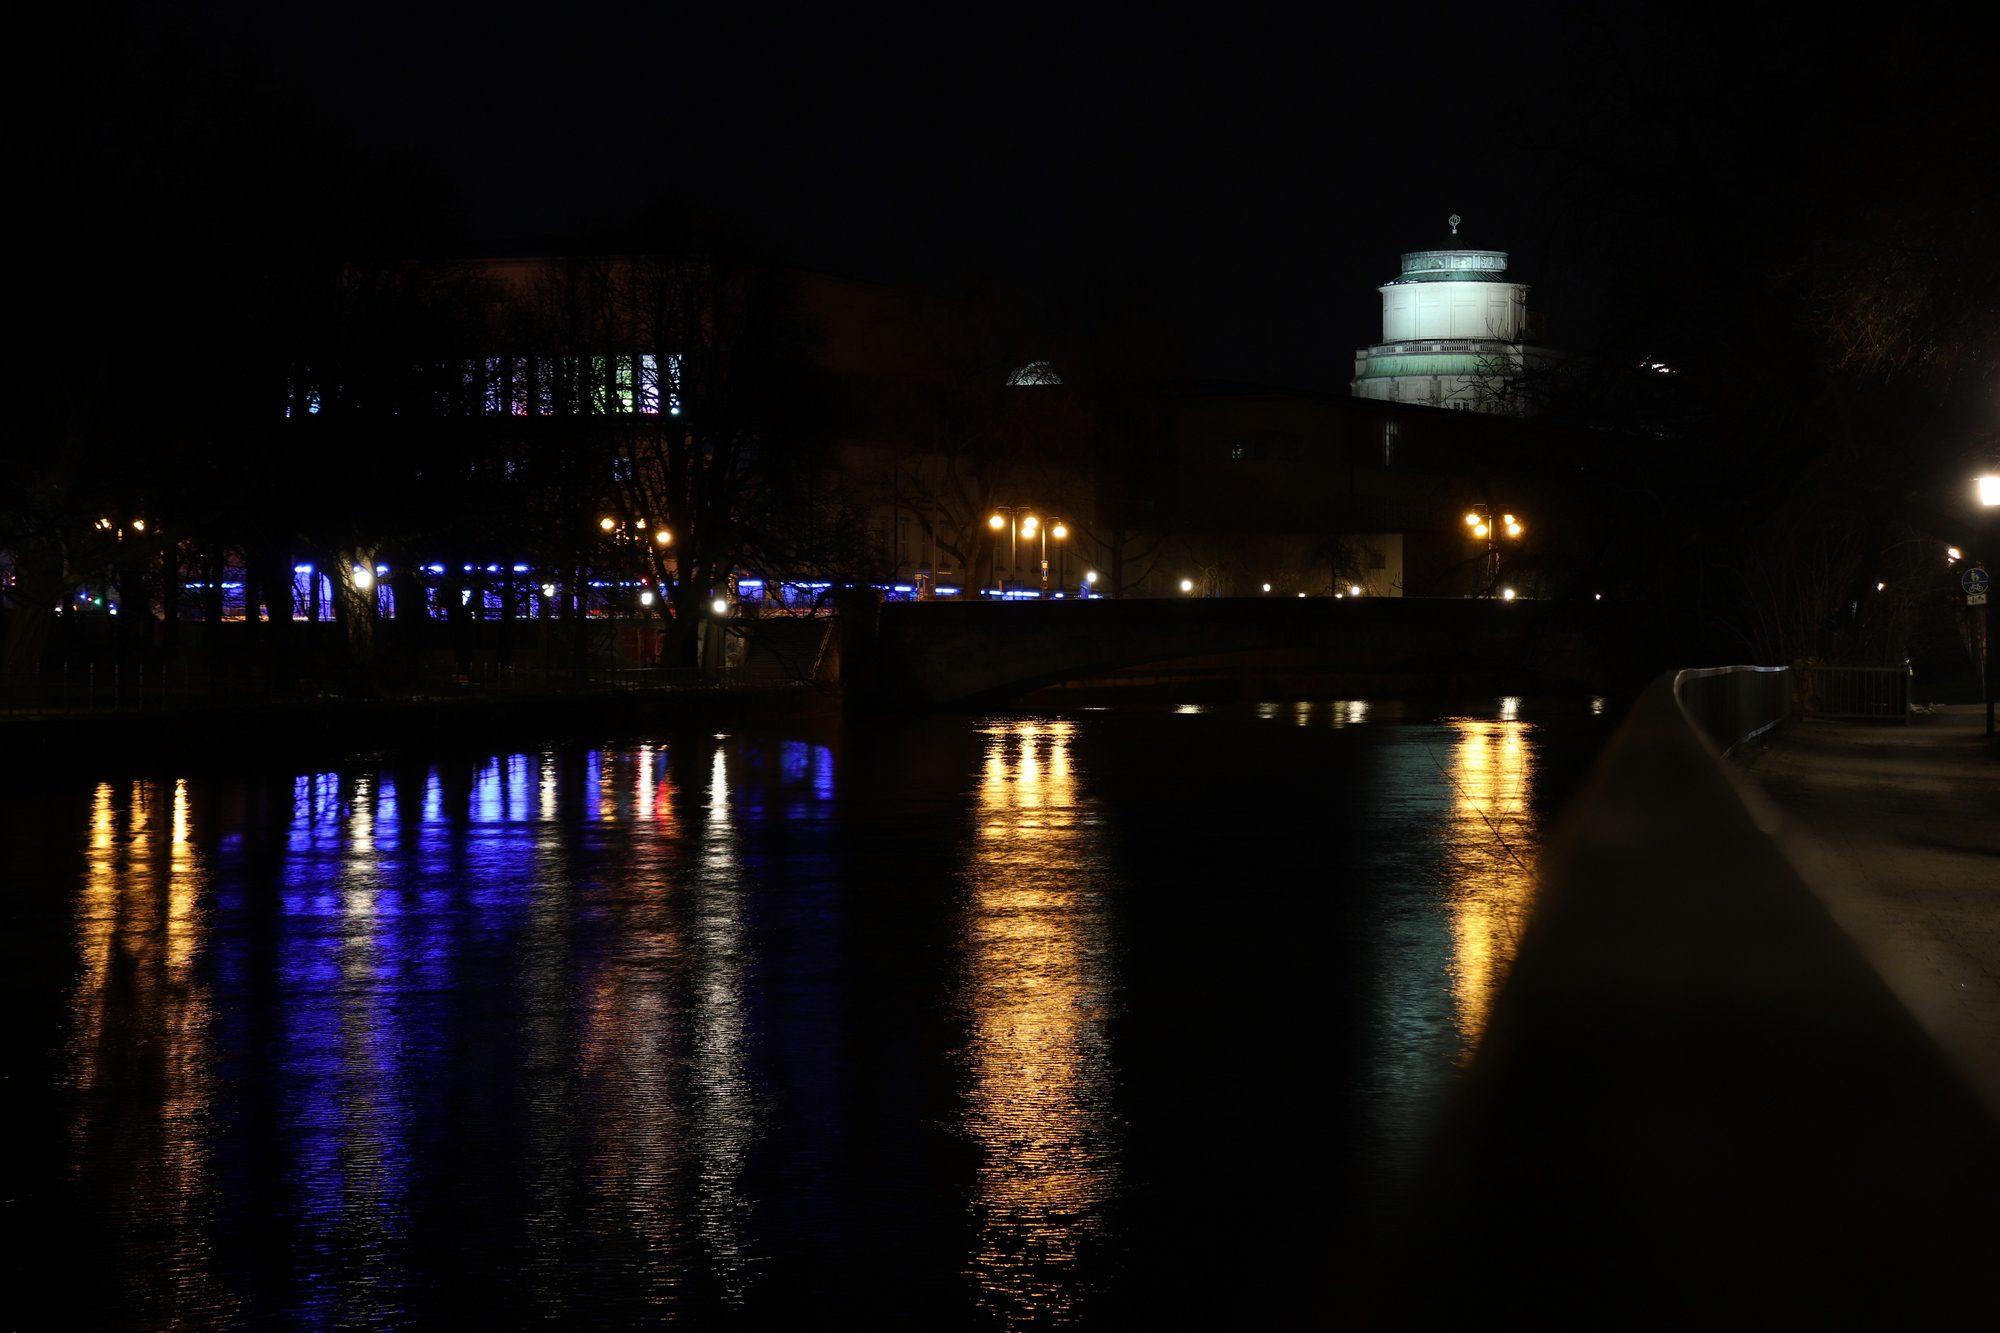 Die Isar mit Blick auf das Deutsche Museeum am Abend in München